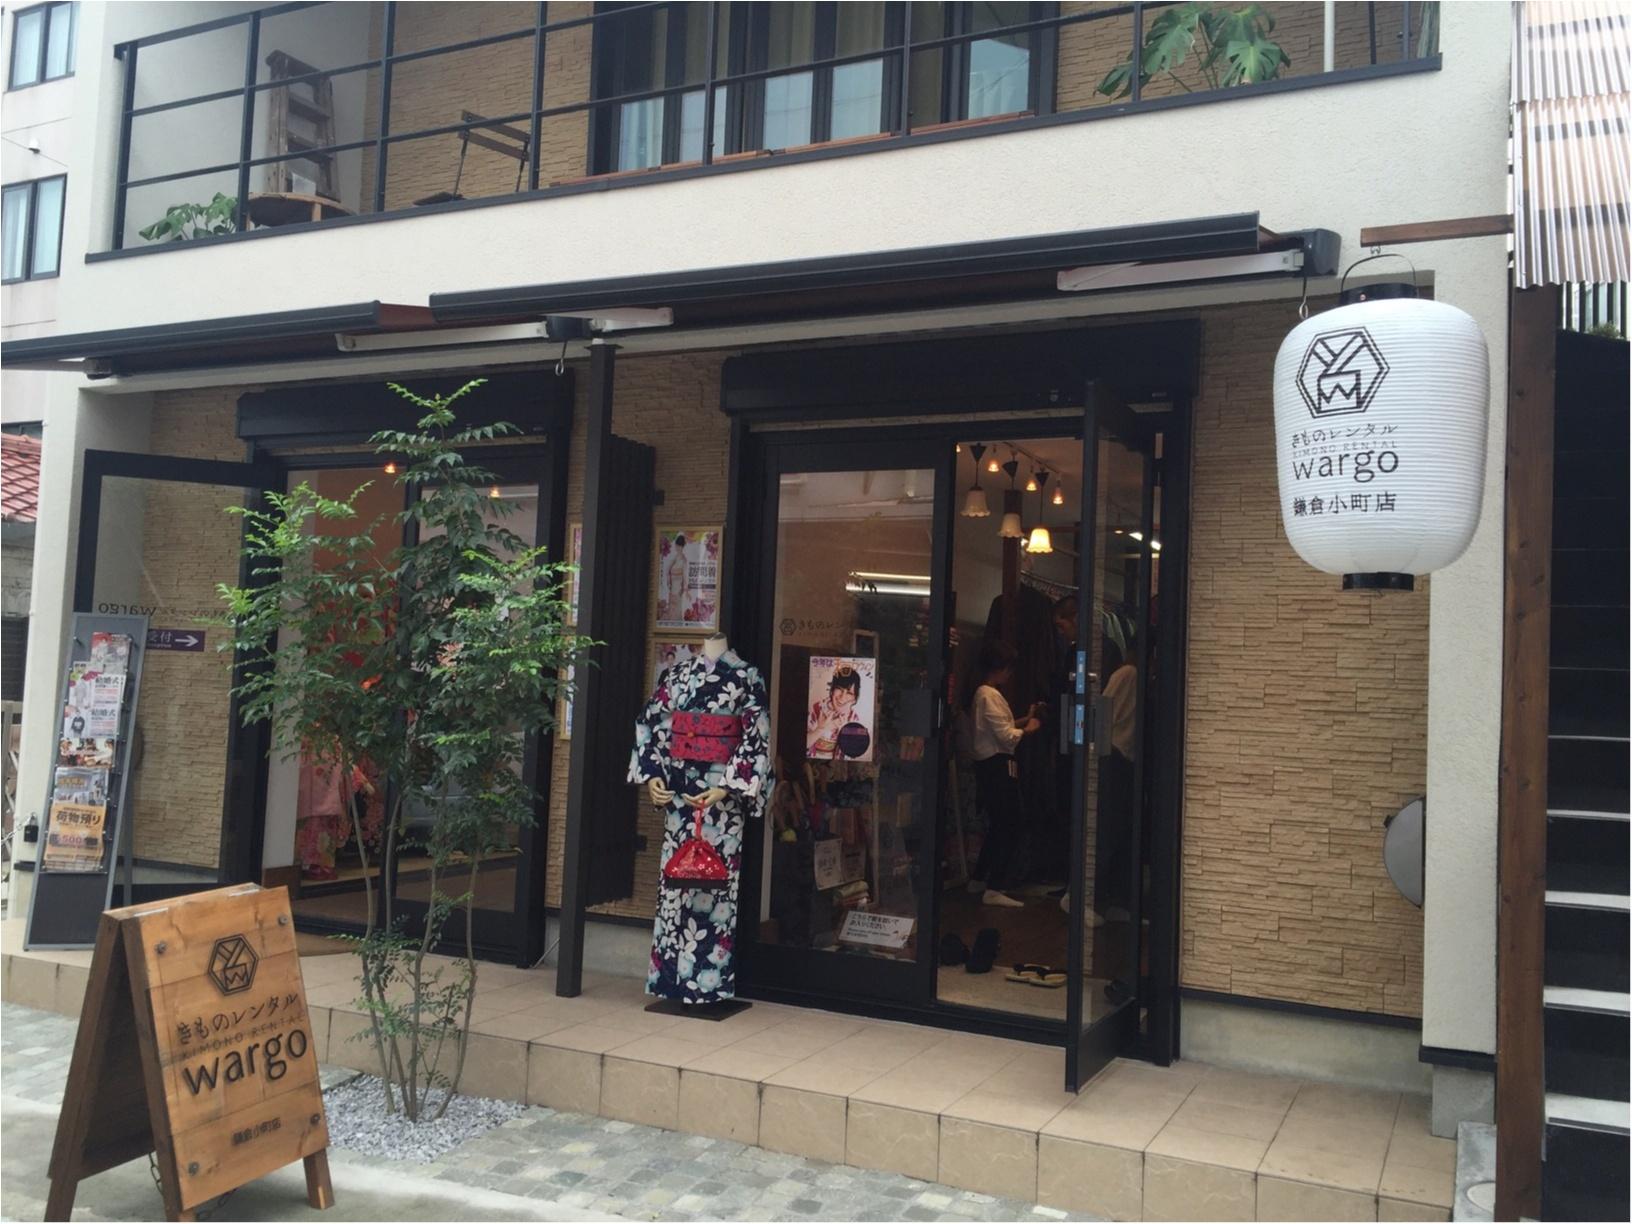 【✨着物レンタルwargo ¥2,900✨】手ぶらでOK!着物を着てお出掛けしよう❤︎鎌倉の「報国寺の竹林」「浄妙寺」「小町通り」を散歩しました♩≪samenyan≫_1